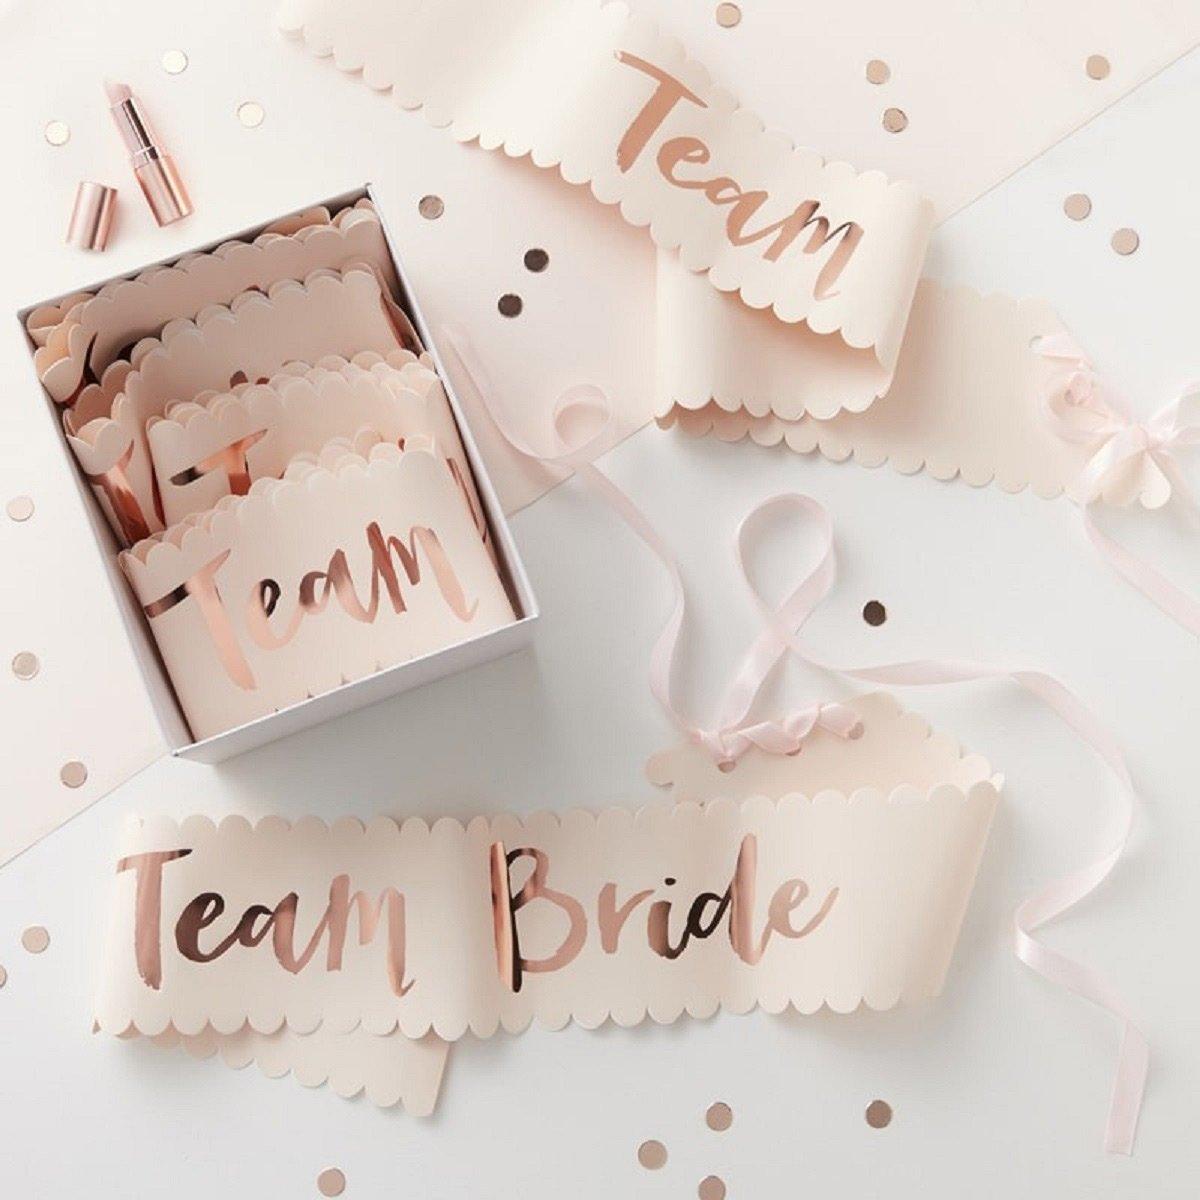 Team Bride Schärpe: Die perfekten Accessoires für euren Junggesellinnenabschied / JGA